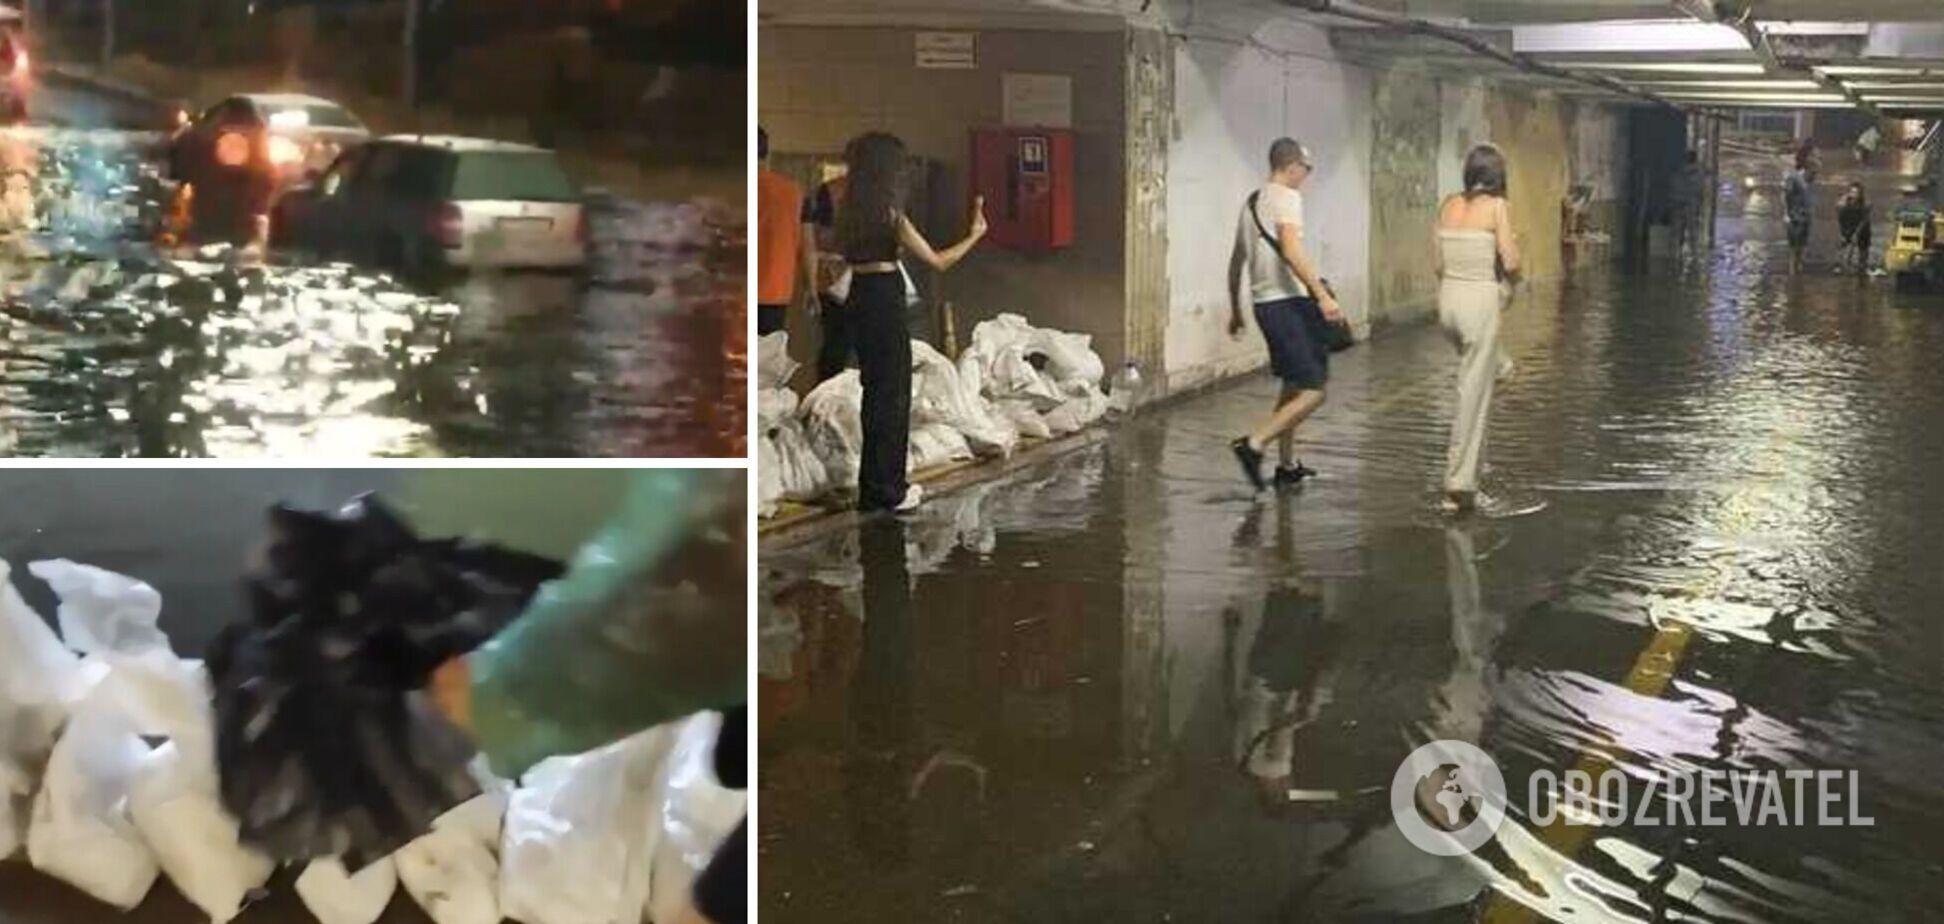 Киев снова затопило из-за непогоды: в метро делали заграждения из мешков с песком. Фото и видео